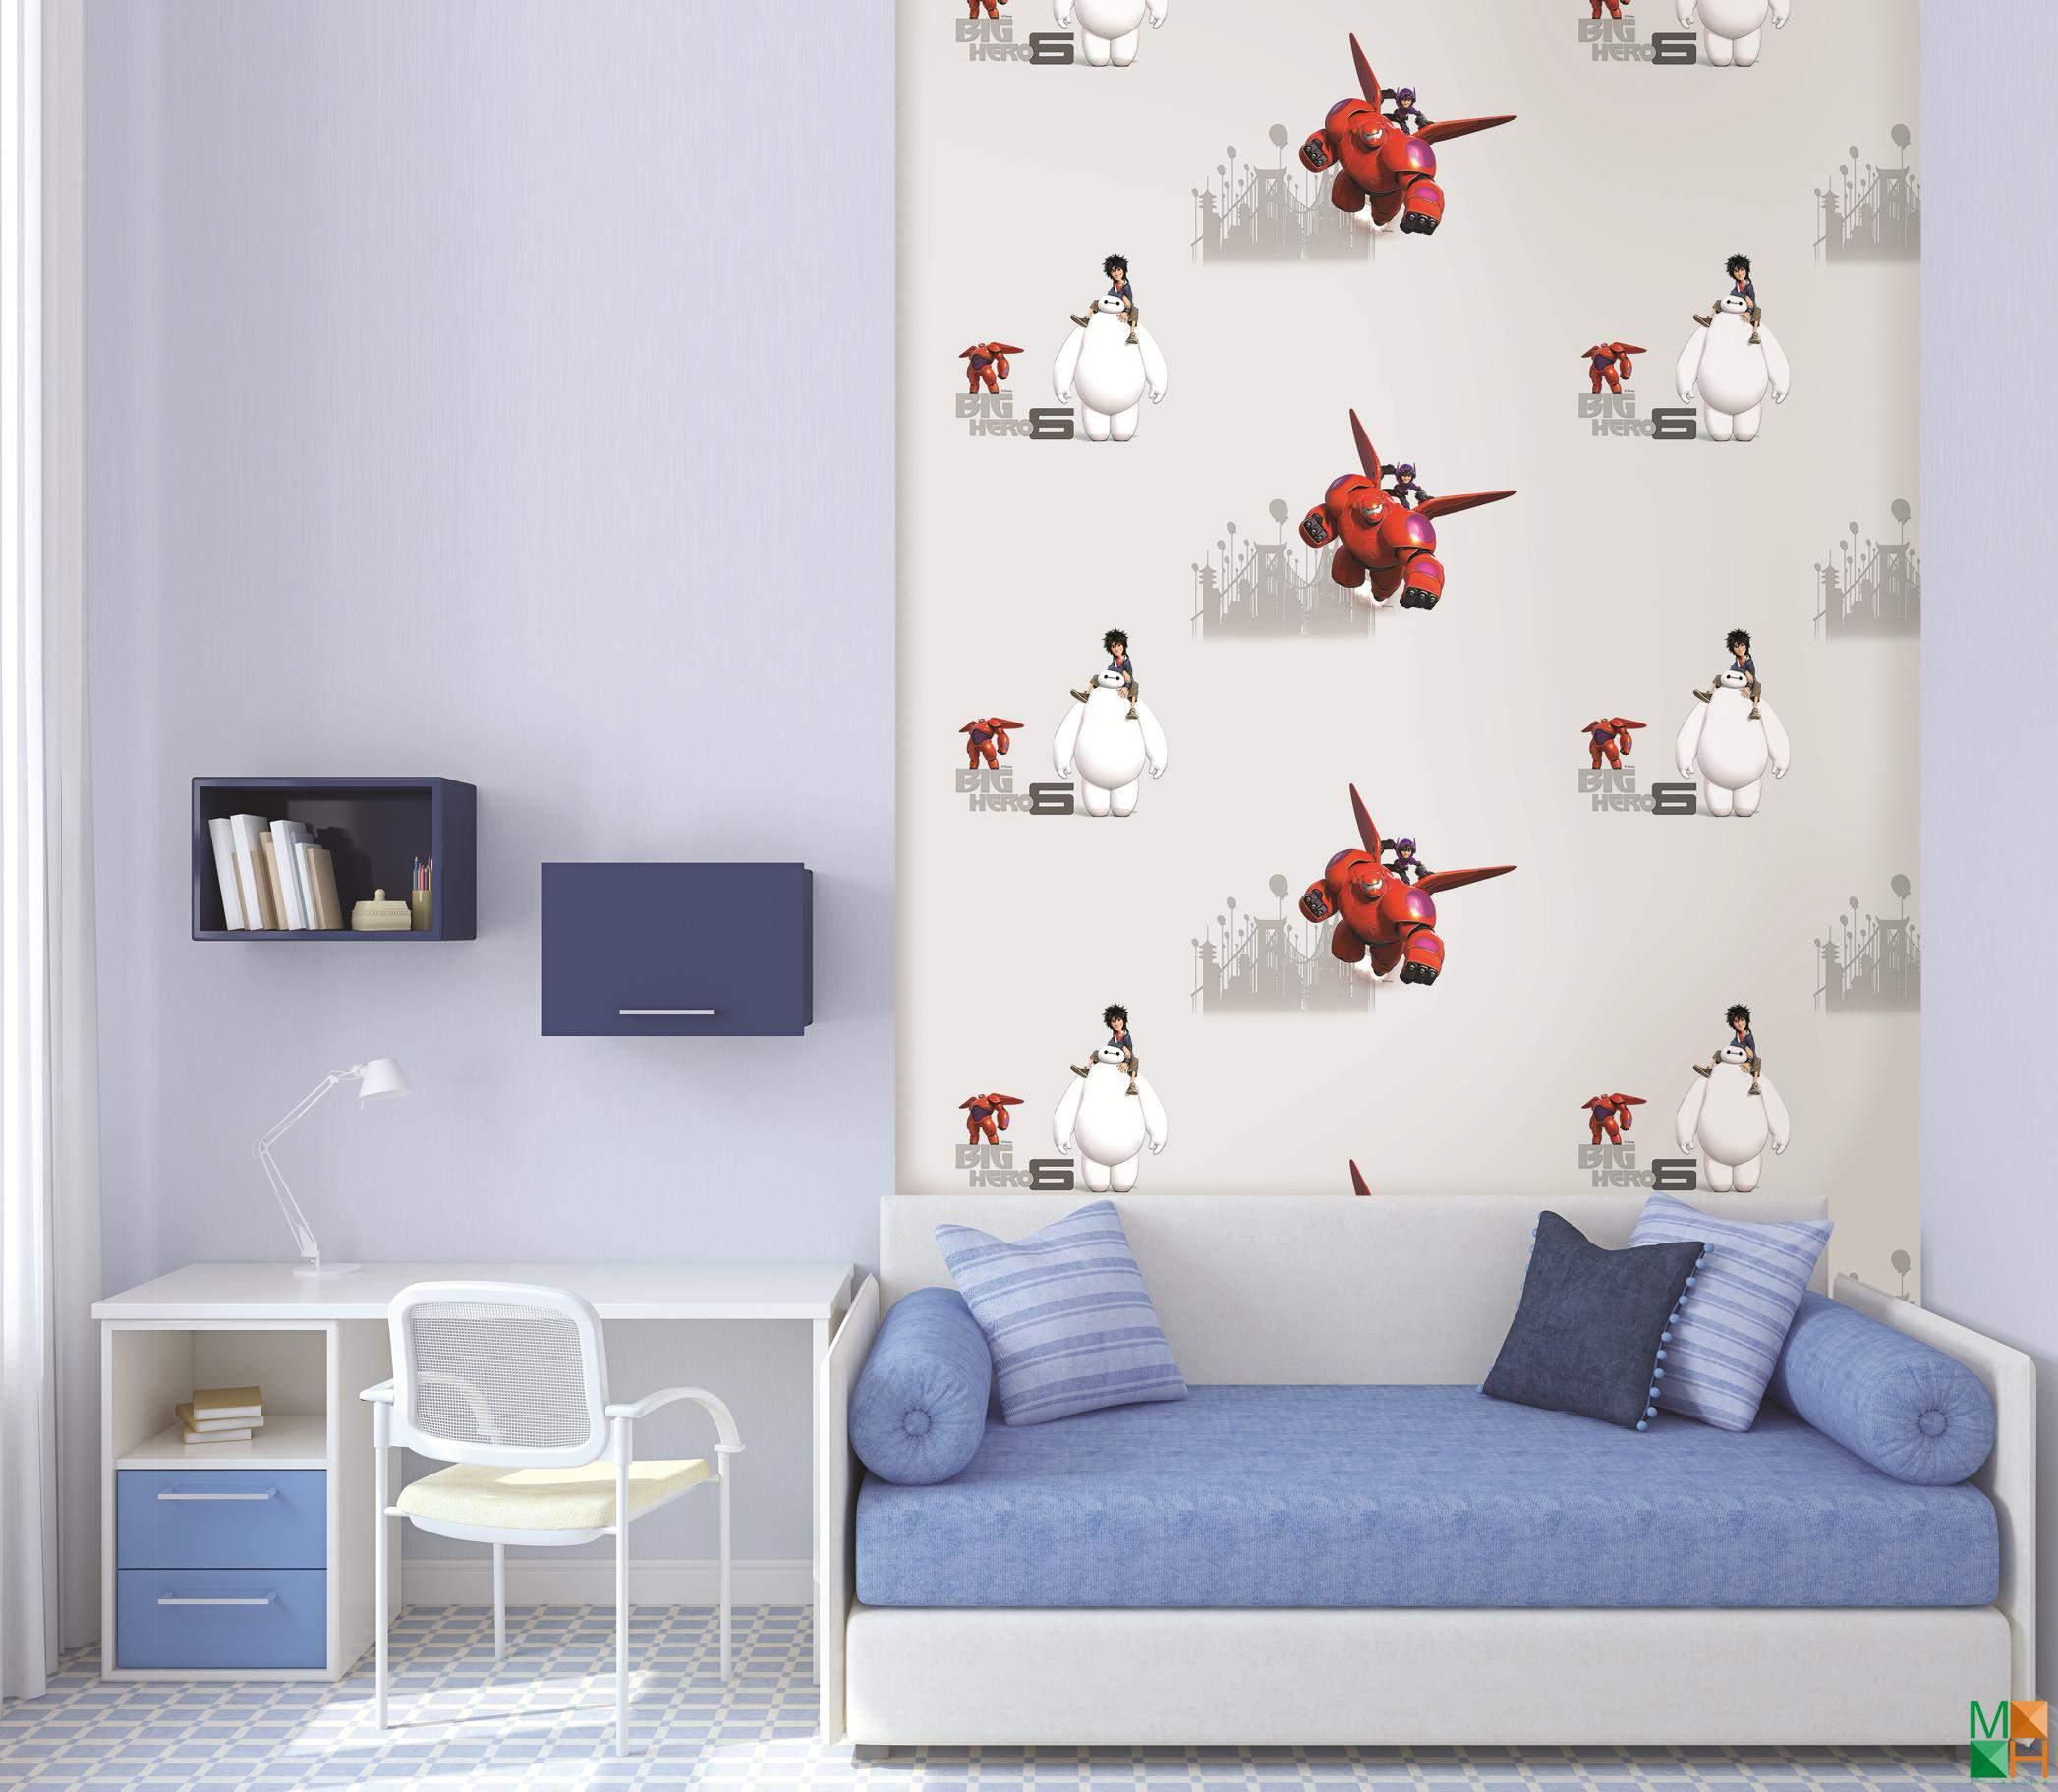 Tránh những điều cấm kỵ để thiết kế phòng ngủ được đẹp